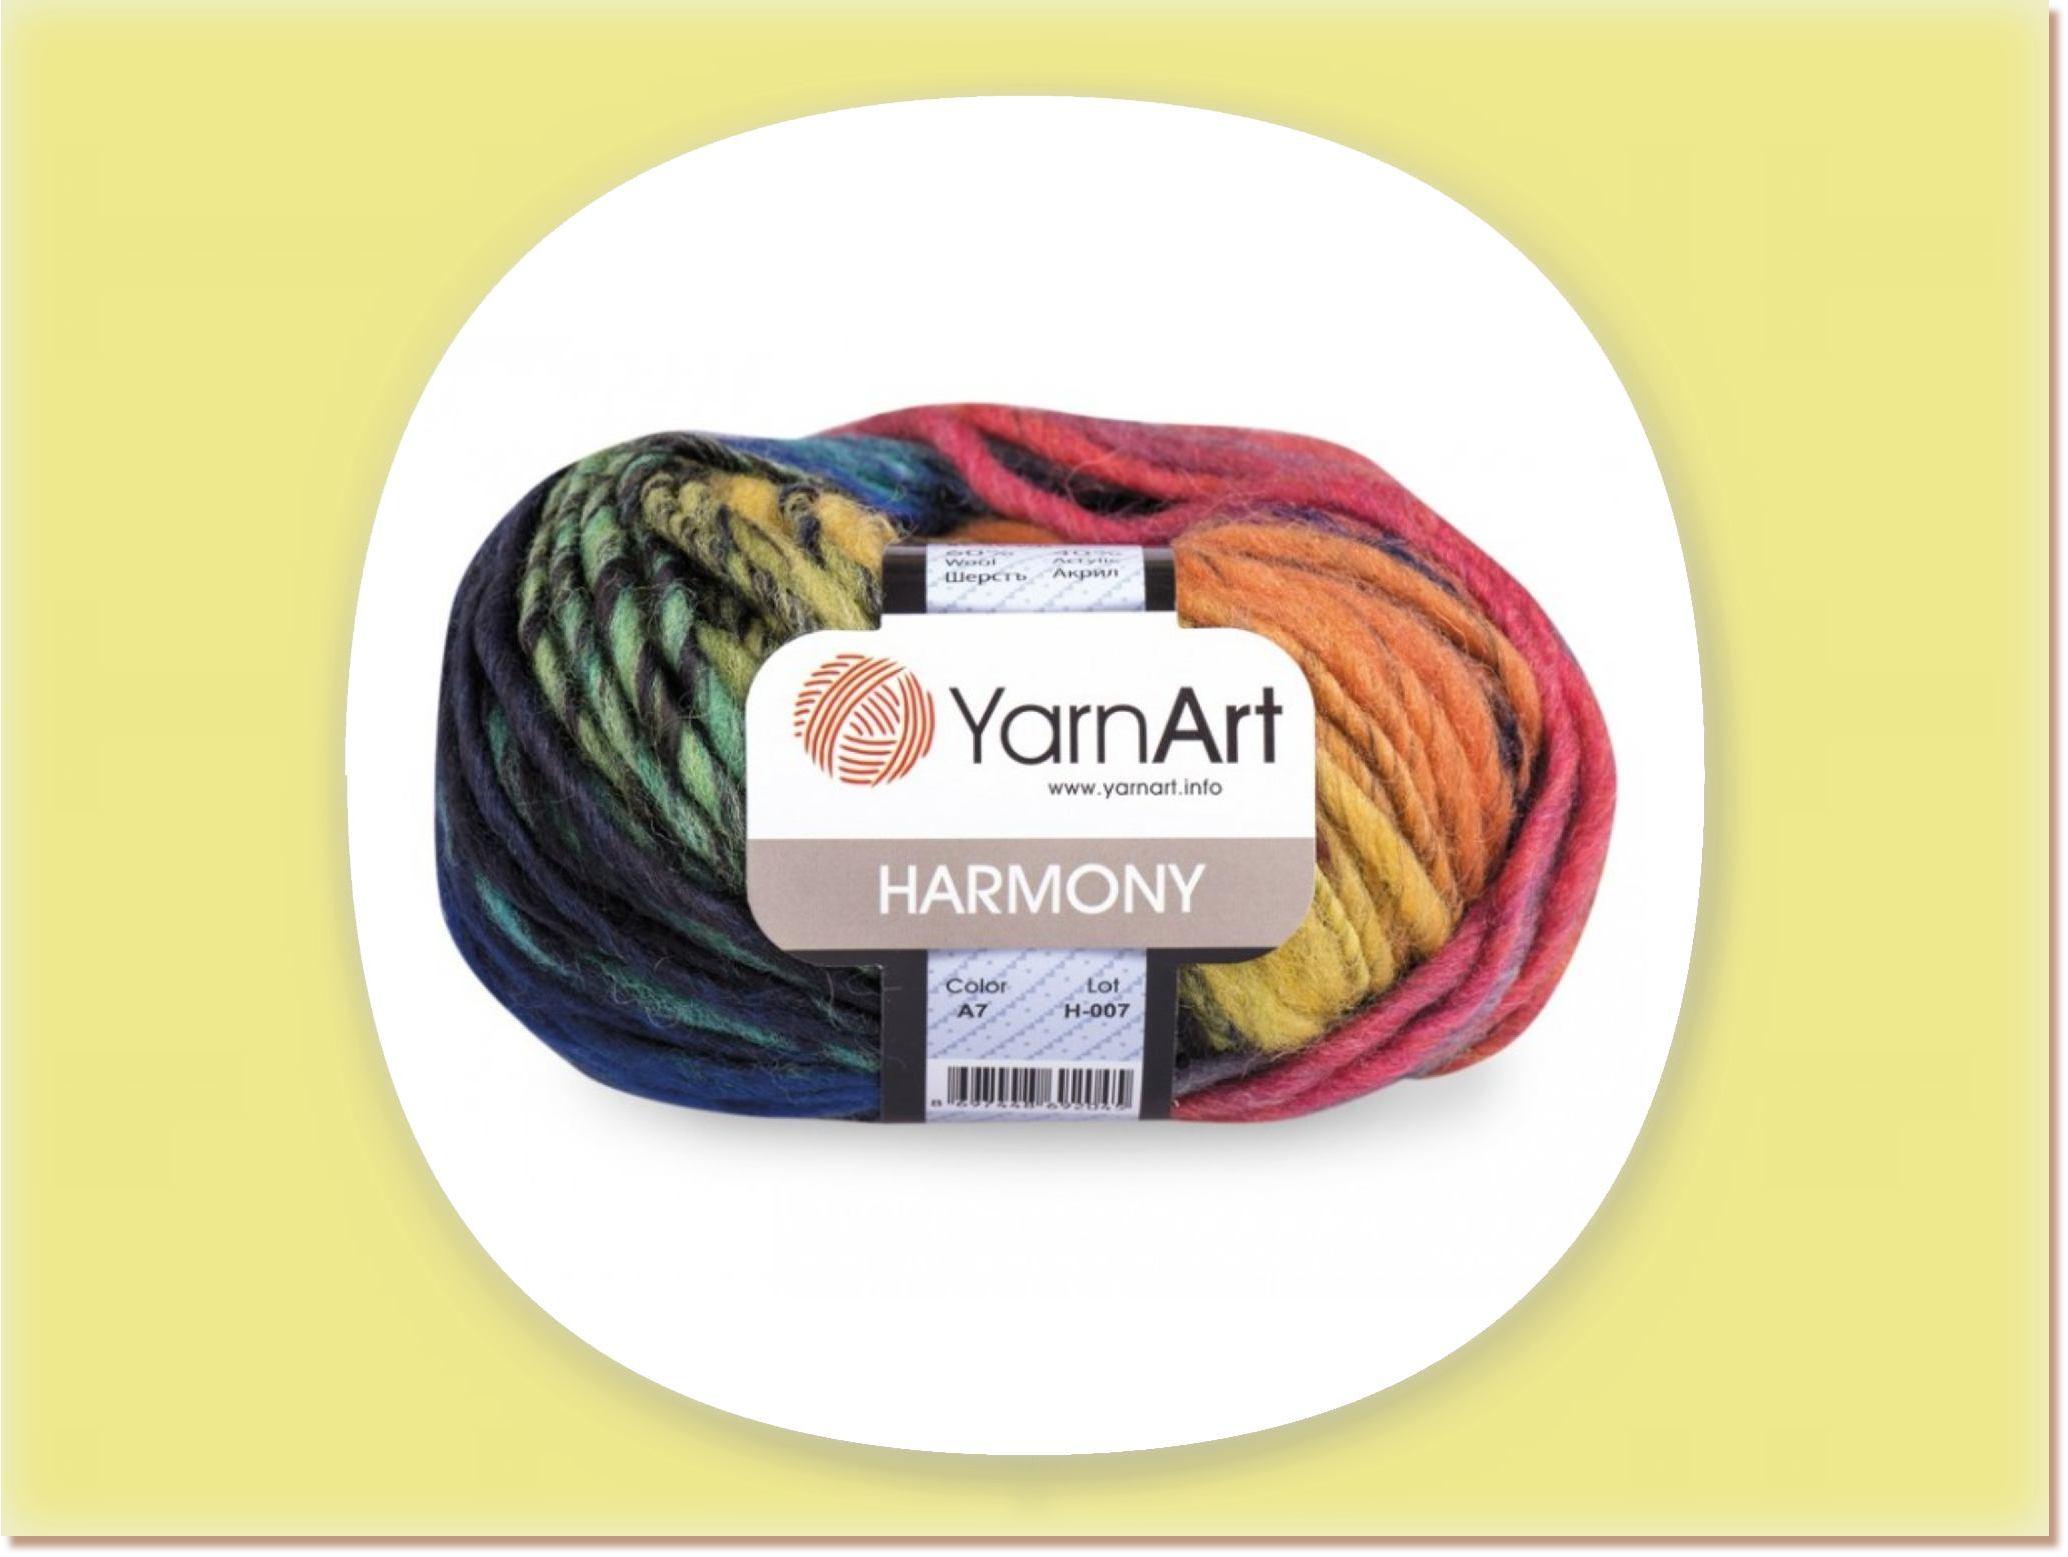 YarnArt Harmony